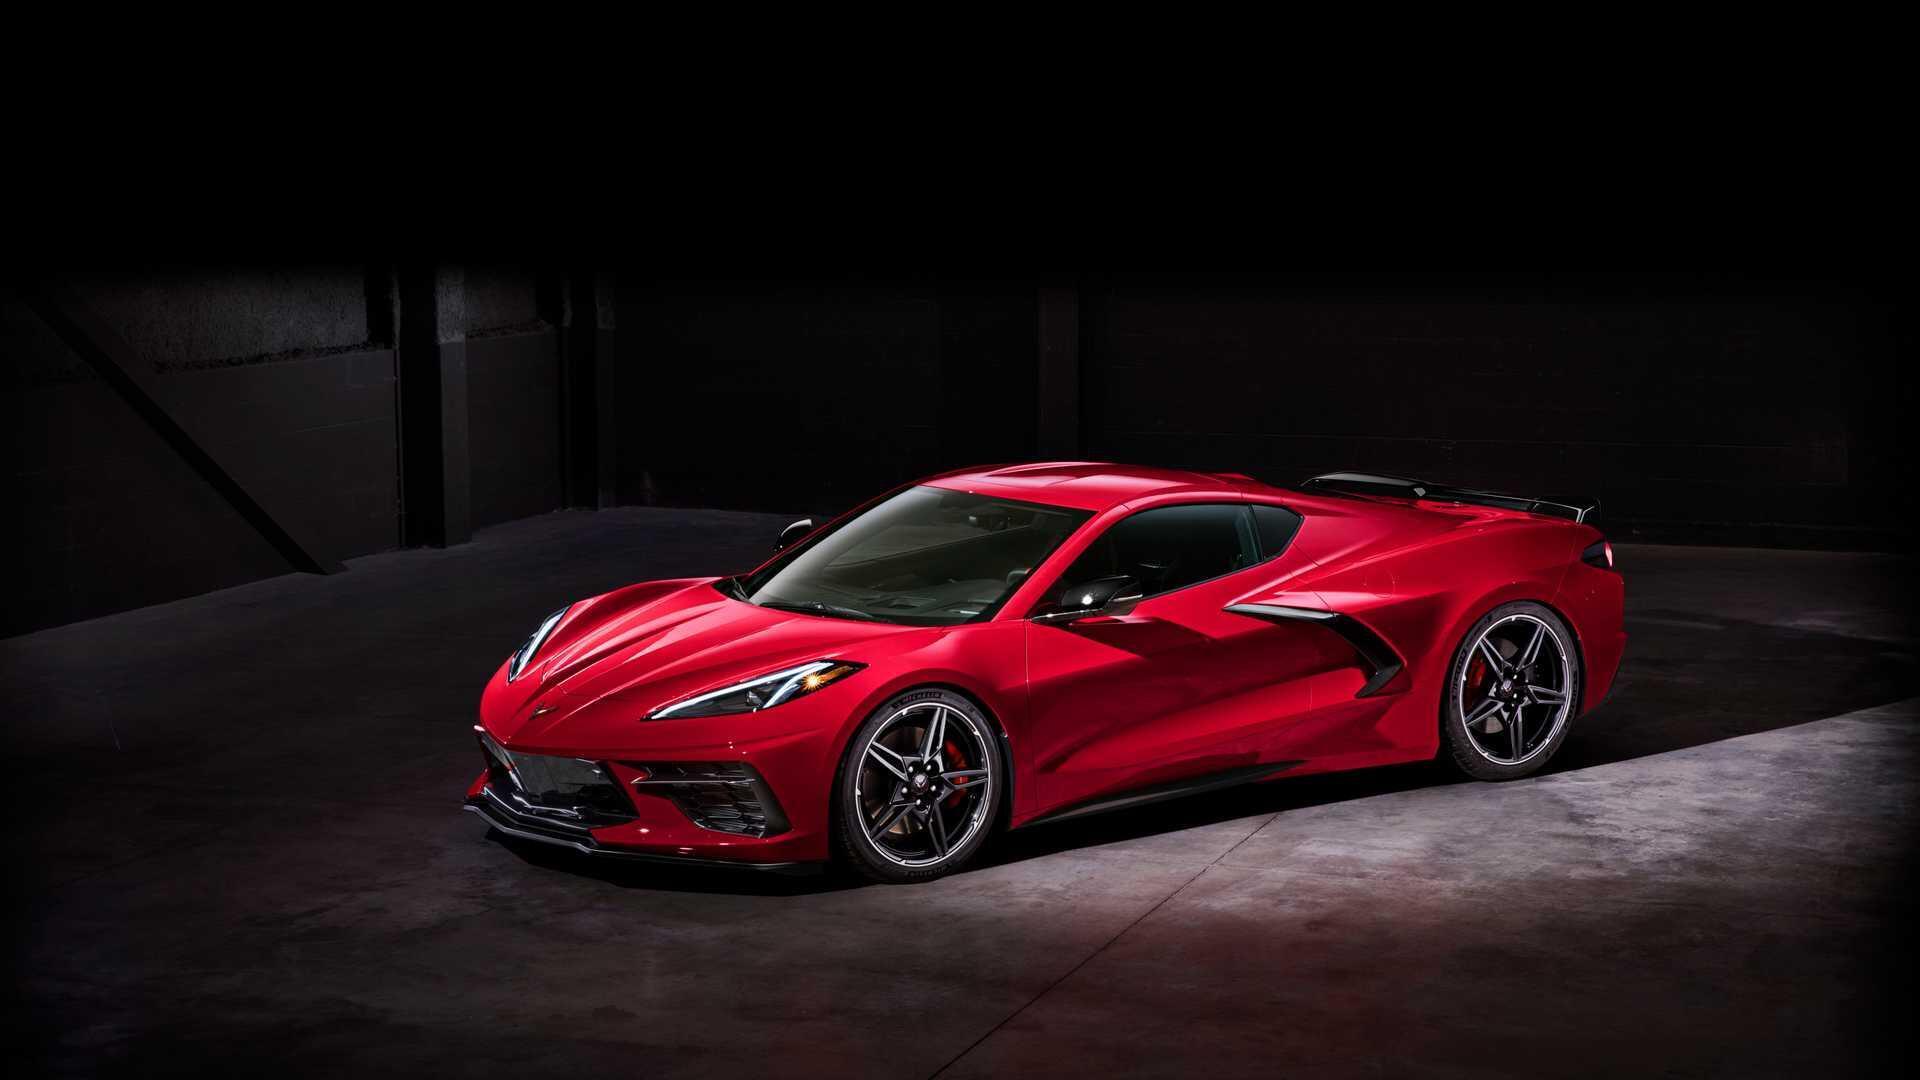 https://cdn.dailyxe.com.vn/image/chevrolet-corvette-2020-co-mot-so-tinh-nang-an-tuyet-voi-51-94557j2.jpg